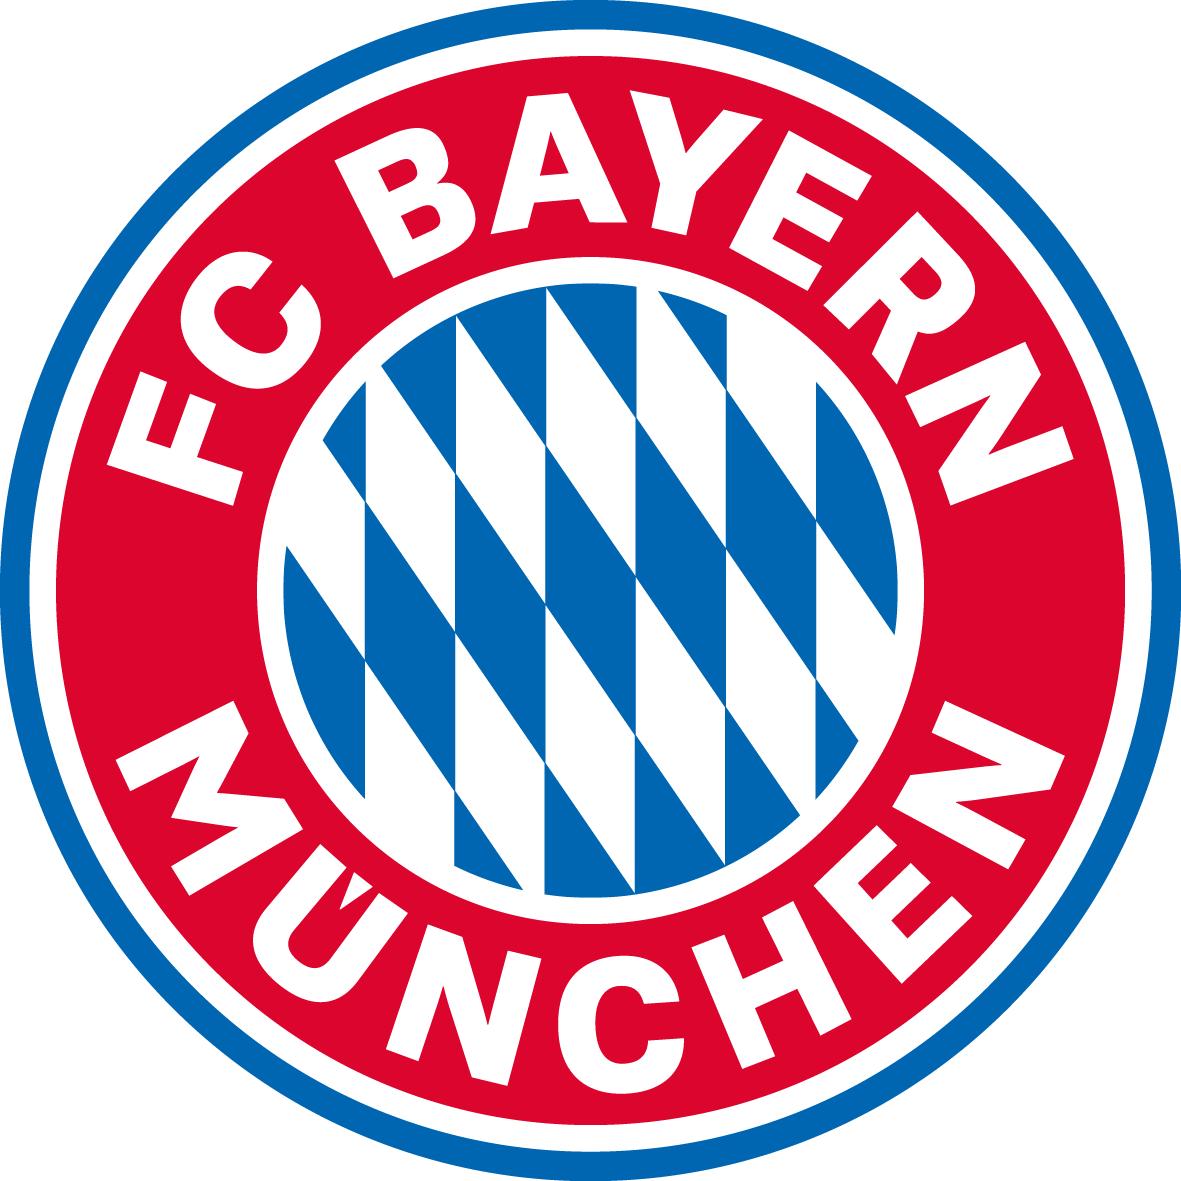 /Pouzdra-obaly-kryty-na-mobil-s-motivy-fotbaloveho-klubu-FC-Bayern-Munchen-Mnichov